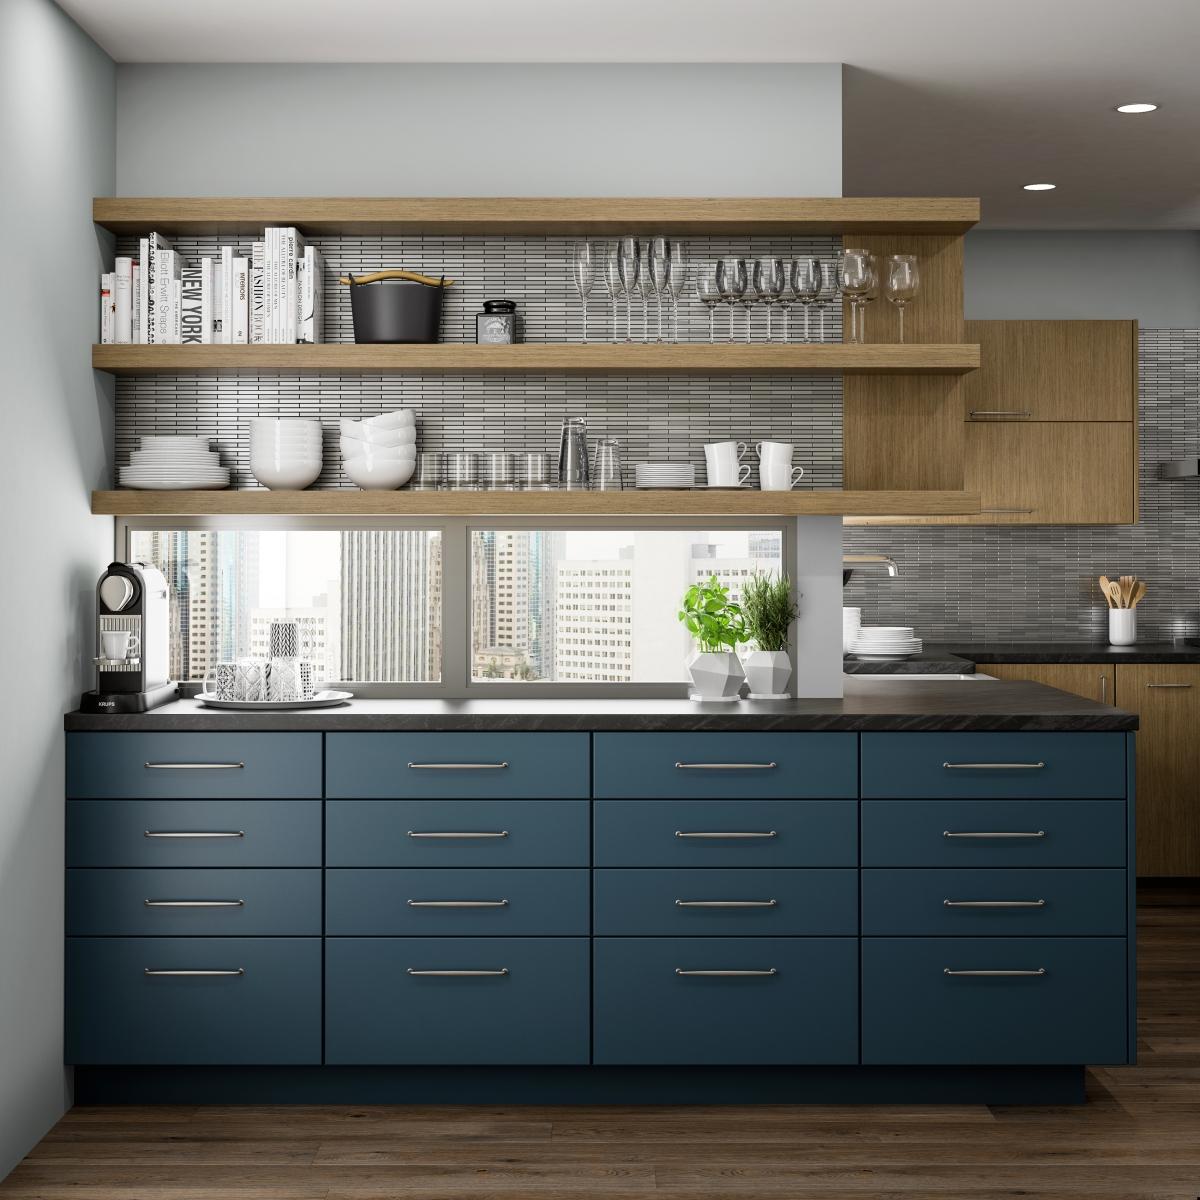 couleur foncee cuisine mobilier bleu contemporain